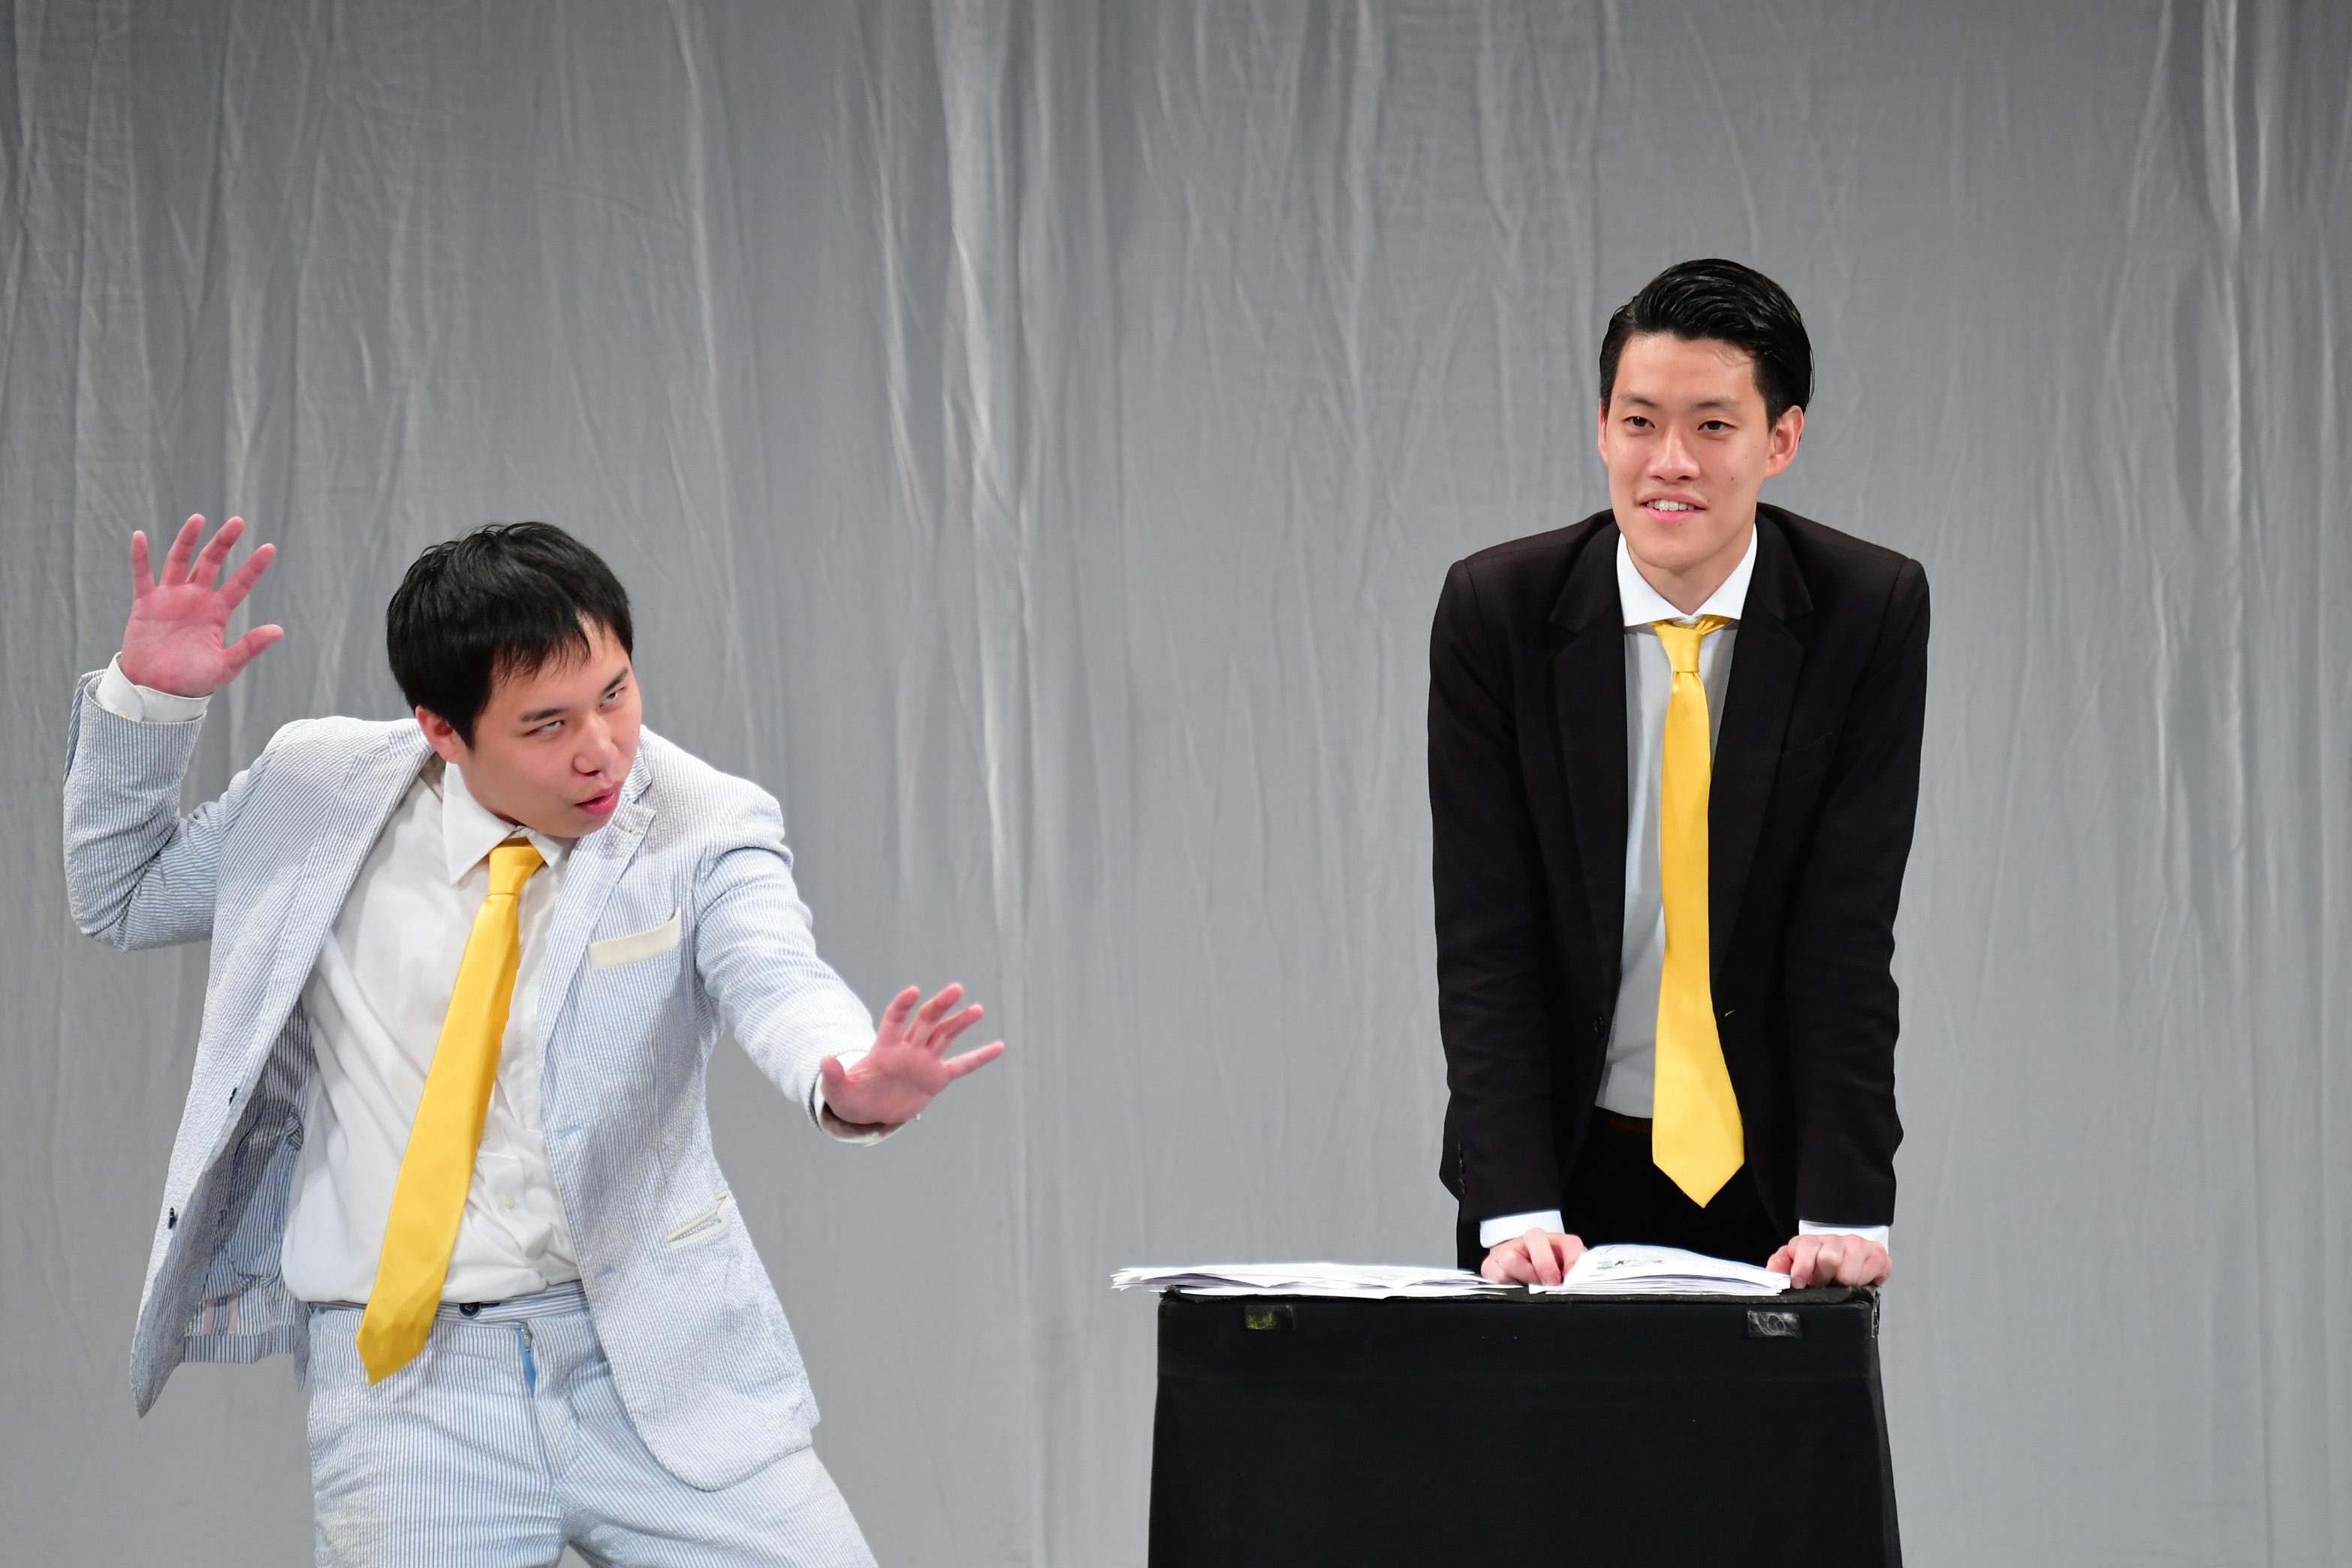 http://news.yoshimoto.co.jp/20181209110334-9fd549921aaa1a6d3ce827edeff30916d9fe1faa.jpg